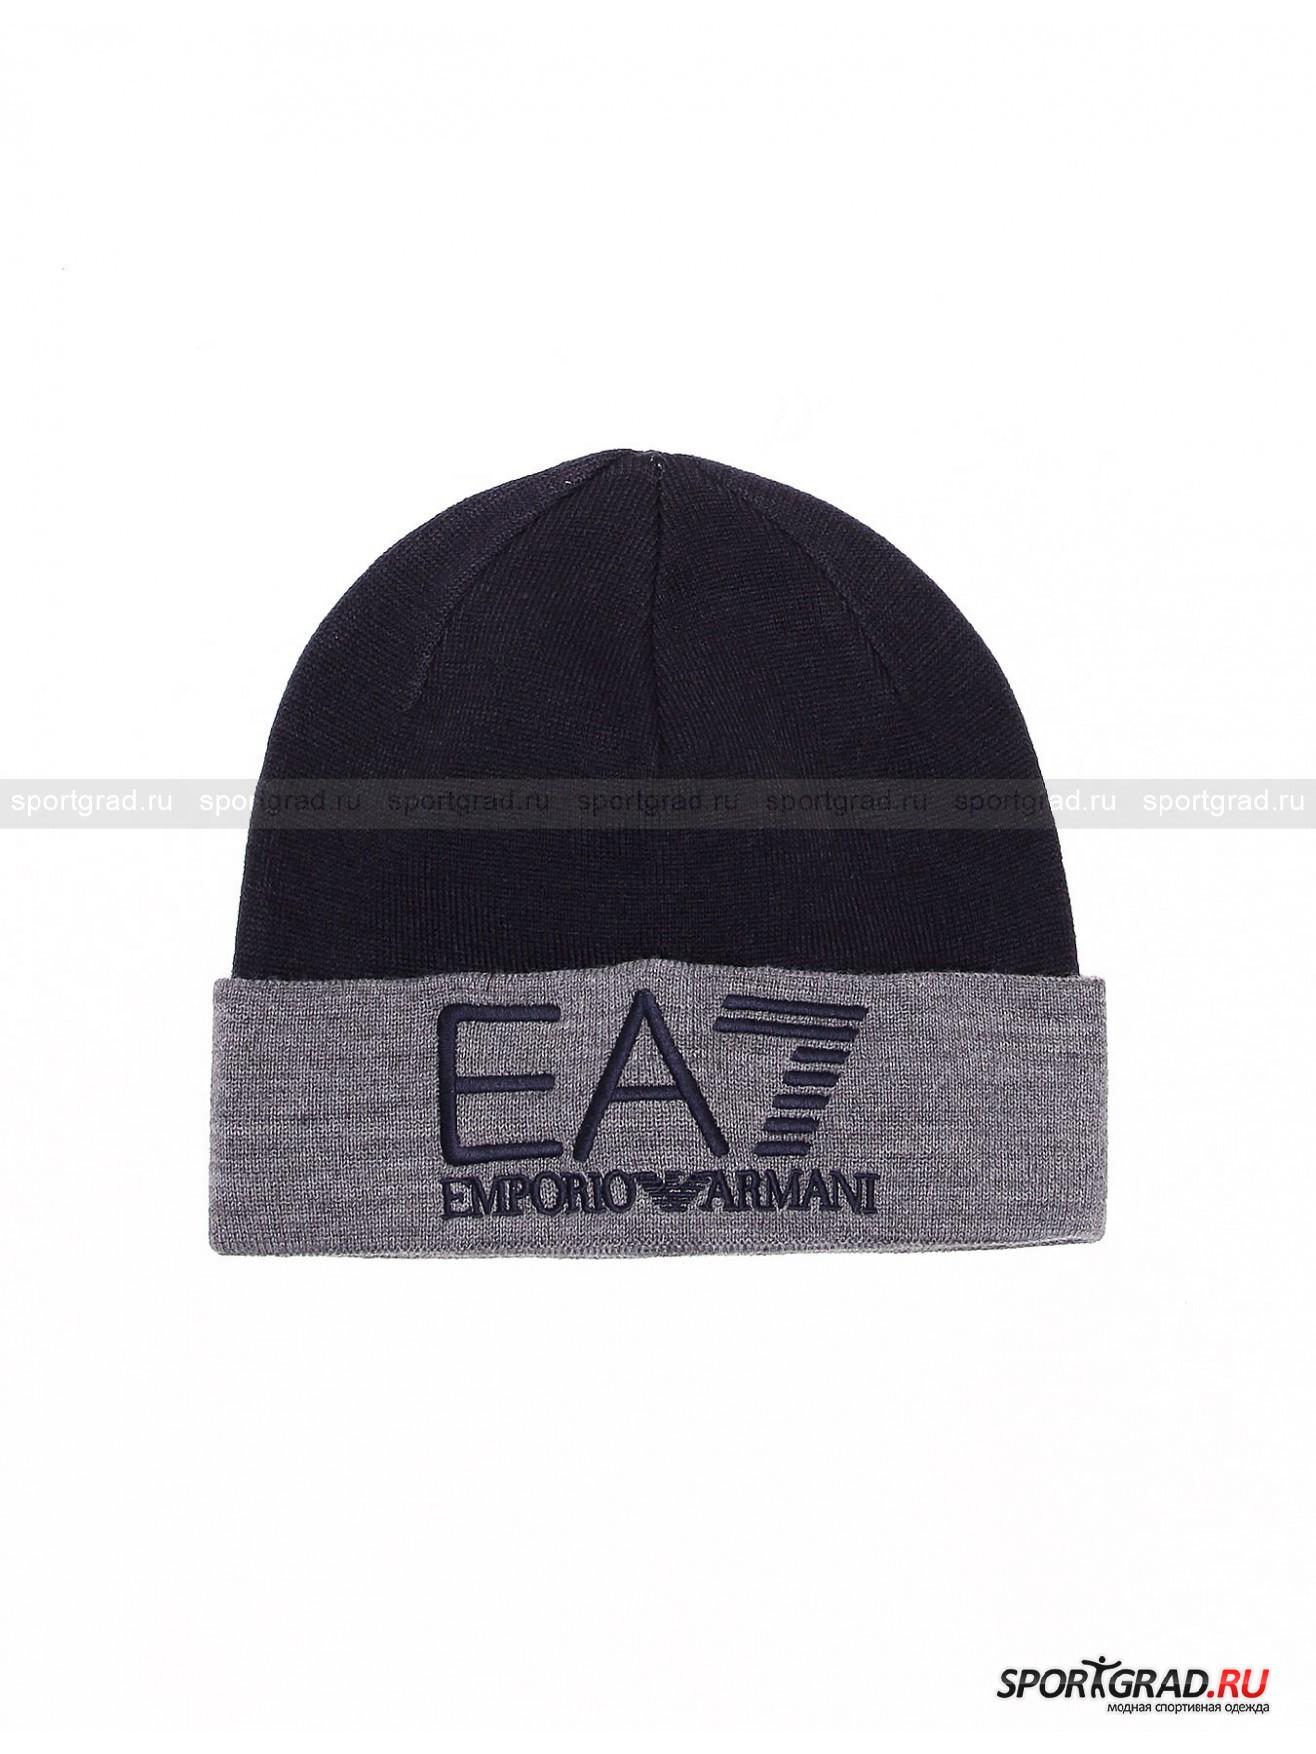 Шапка мужская Urban Mountain Hat EMPORIO ARMANIГоловные Уборы<br>Двухслойная тонкая шапка Urban Mountain Hat от EA7 Emporio Armani рассчитана скорее на осень или теплую зиму, чем на настоящие холода. Этот полезный аксессуар выполнен в фирменном узнаваемом стиле бренда: лаконичная в целом модель украшена лишь вышитым логотипом EA7. Изнутри шапка такого же цвета, как отворот. Она плотно обхватывает голову и прекрасно защищает от пронизывающего осеннего ветра.<br><br>Пол: Мужской<br>Возраст: Взрослый<br>Тип: Головные Уборы<br>Рекомендации по уходу: ручная стирка; нельзя отбеливать, гладить, подвергать химической чистке, выжимать и сушить в стиральной машине<br>Состав: 100% акрил